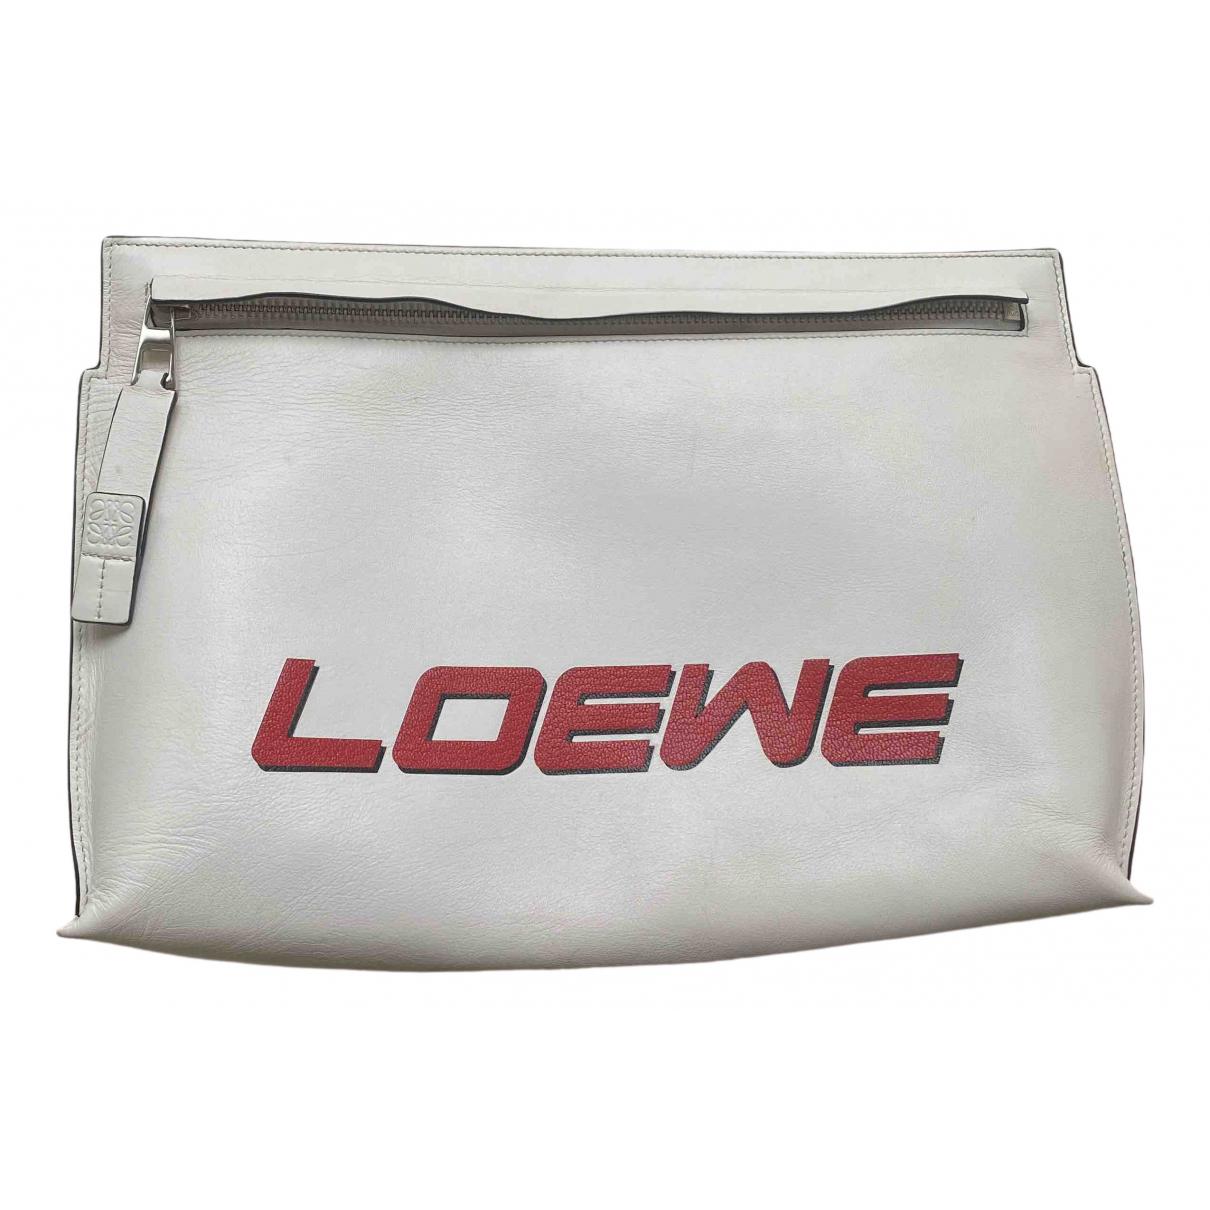 Pochette T Pouch de Cuero Loewe